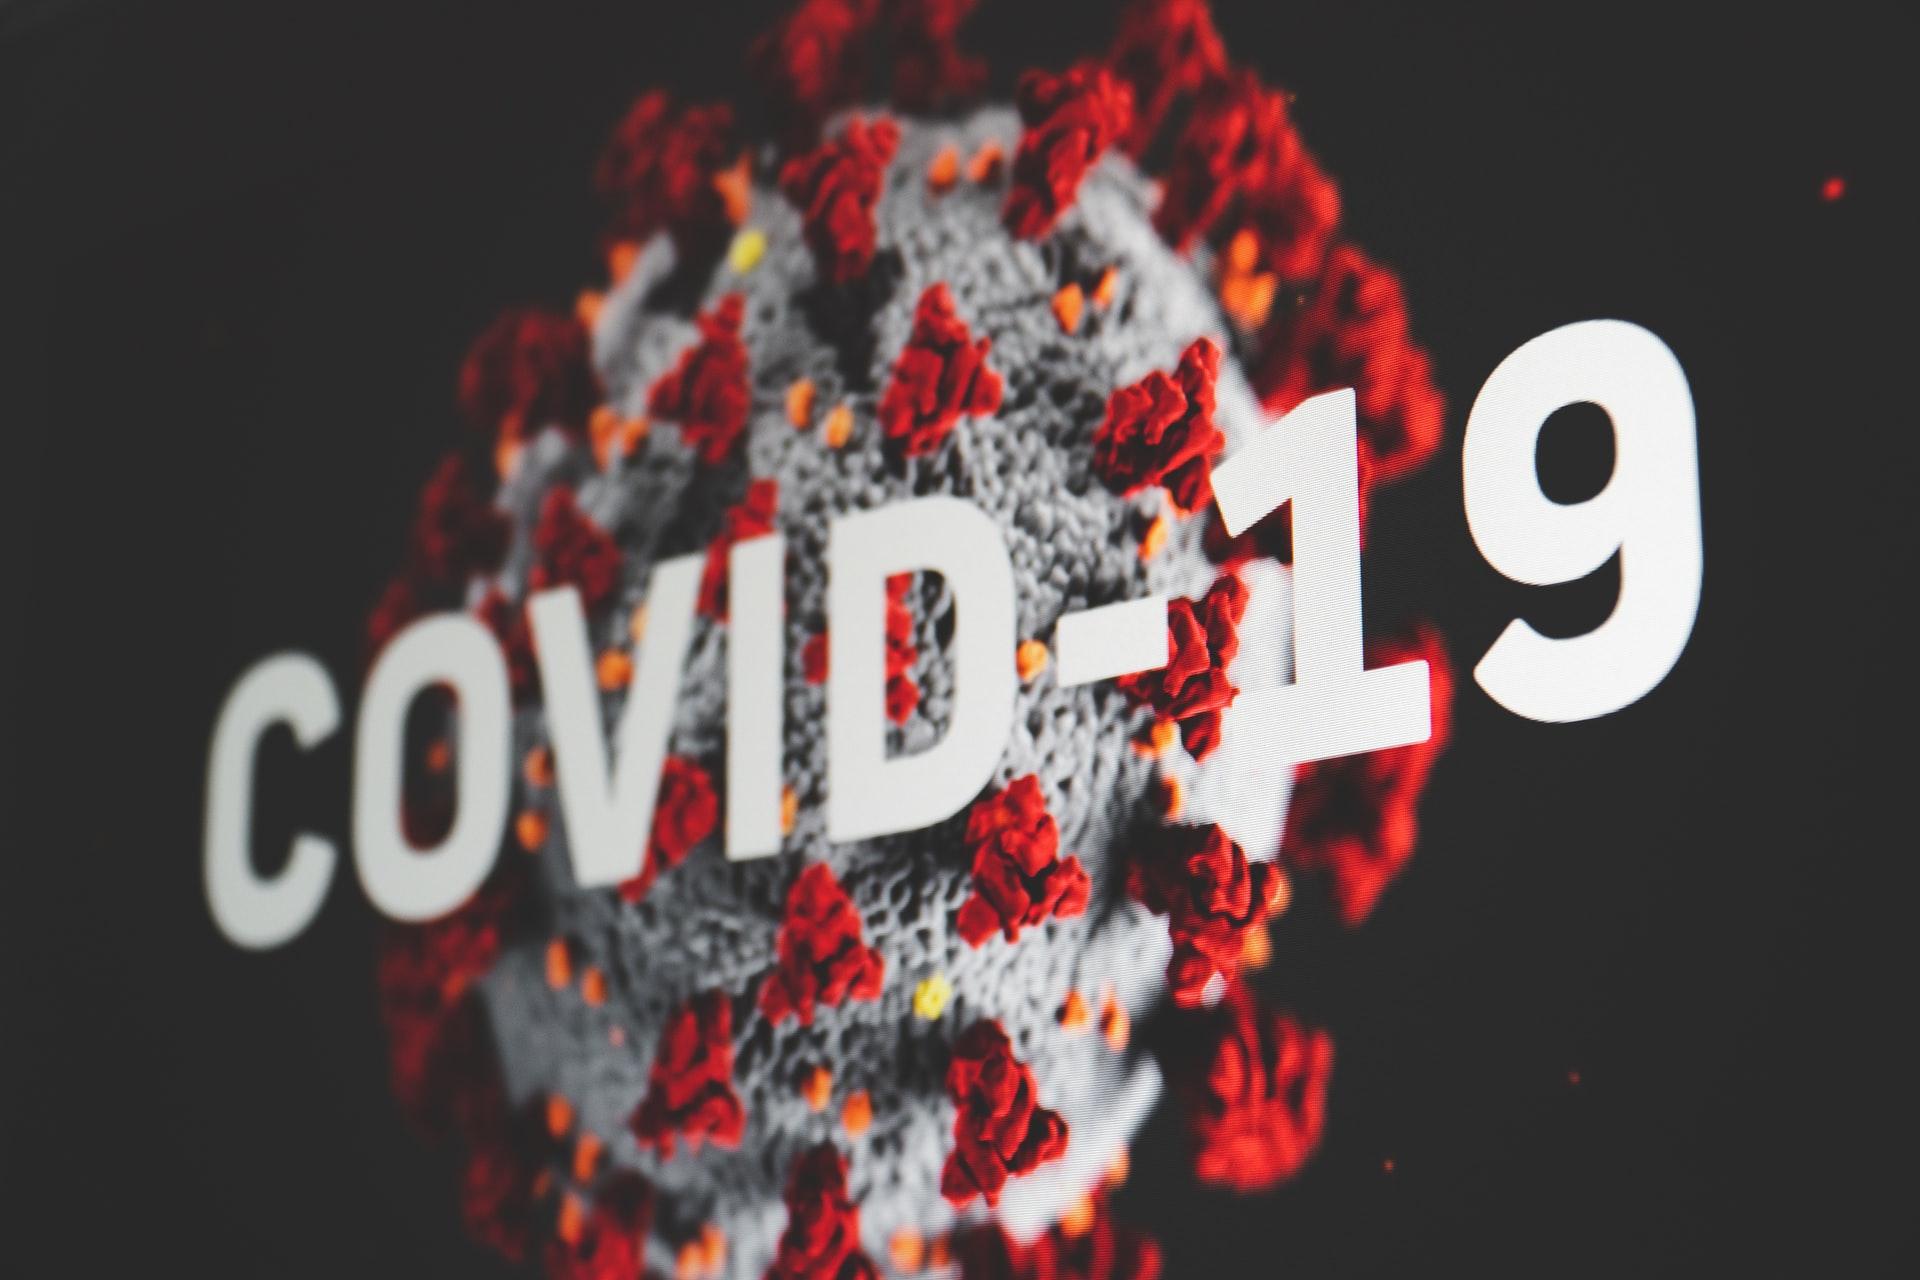 COVID-19 Photo by Martin Sánchez at Unsplash